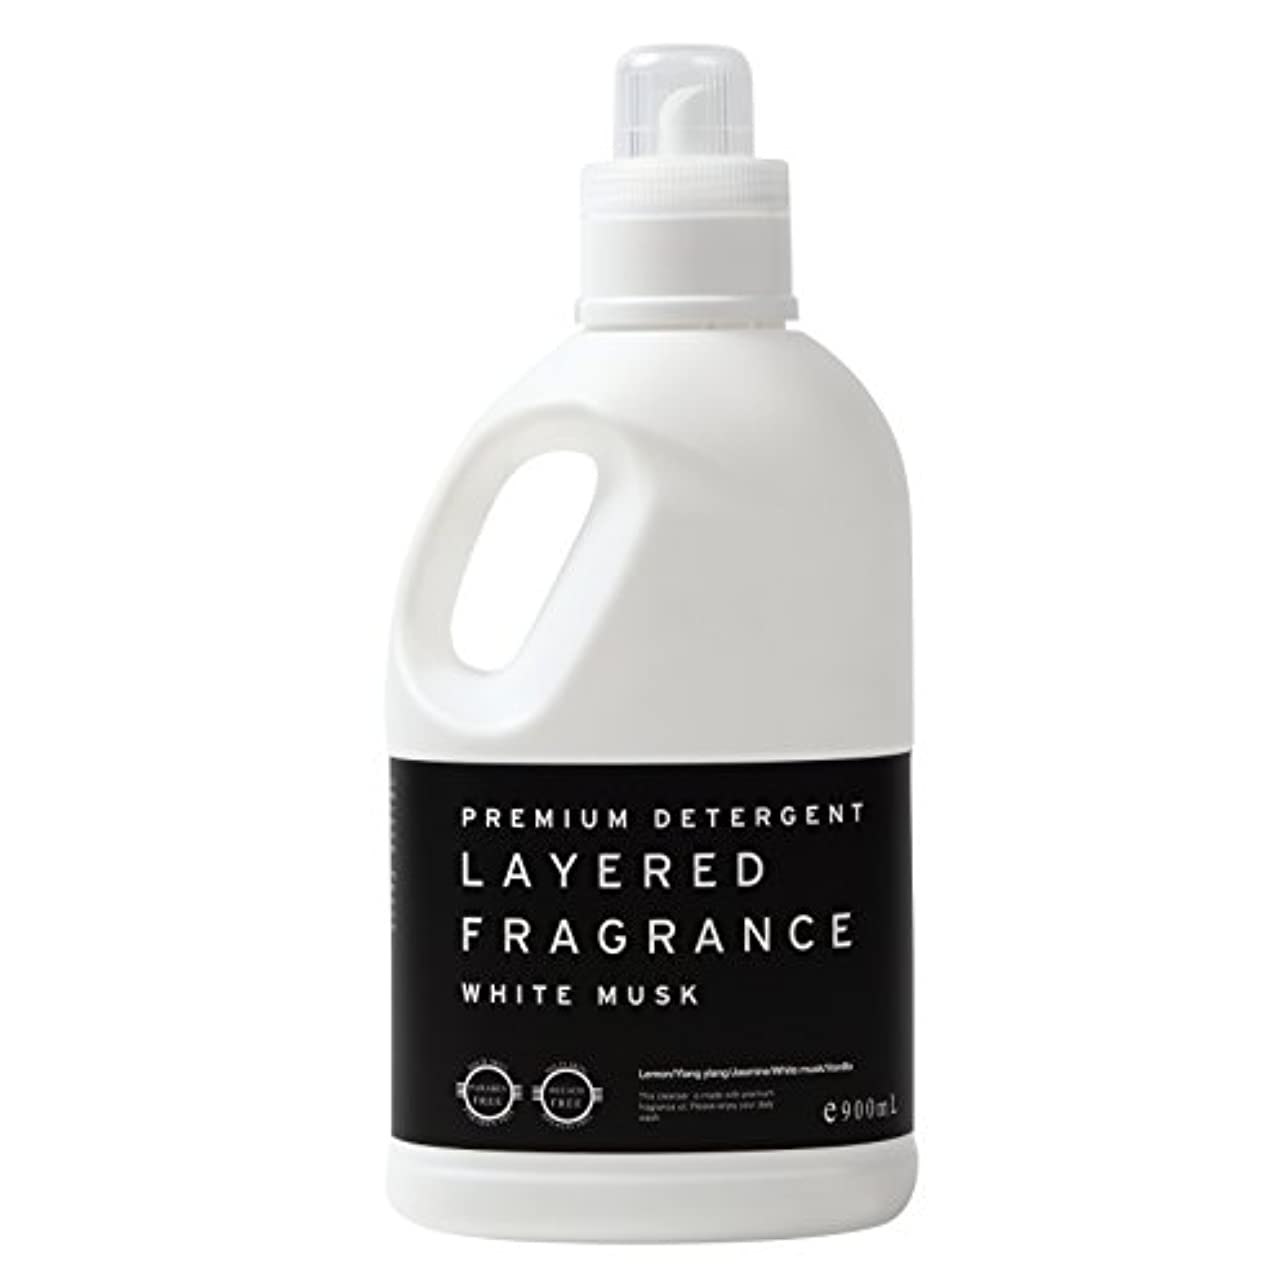 アウトドア一般的な簡単にレイヤードフレグランス プレミアム デタージェント 洗濯用洗剤 ホワイトムスク